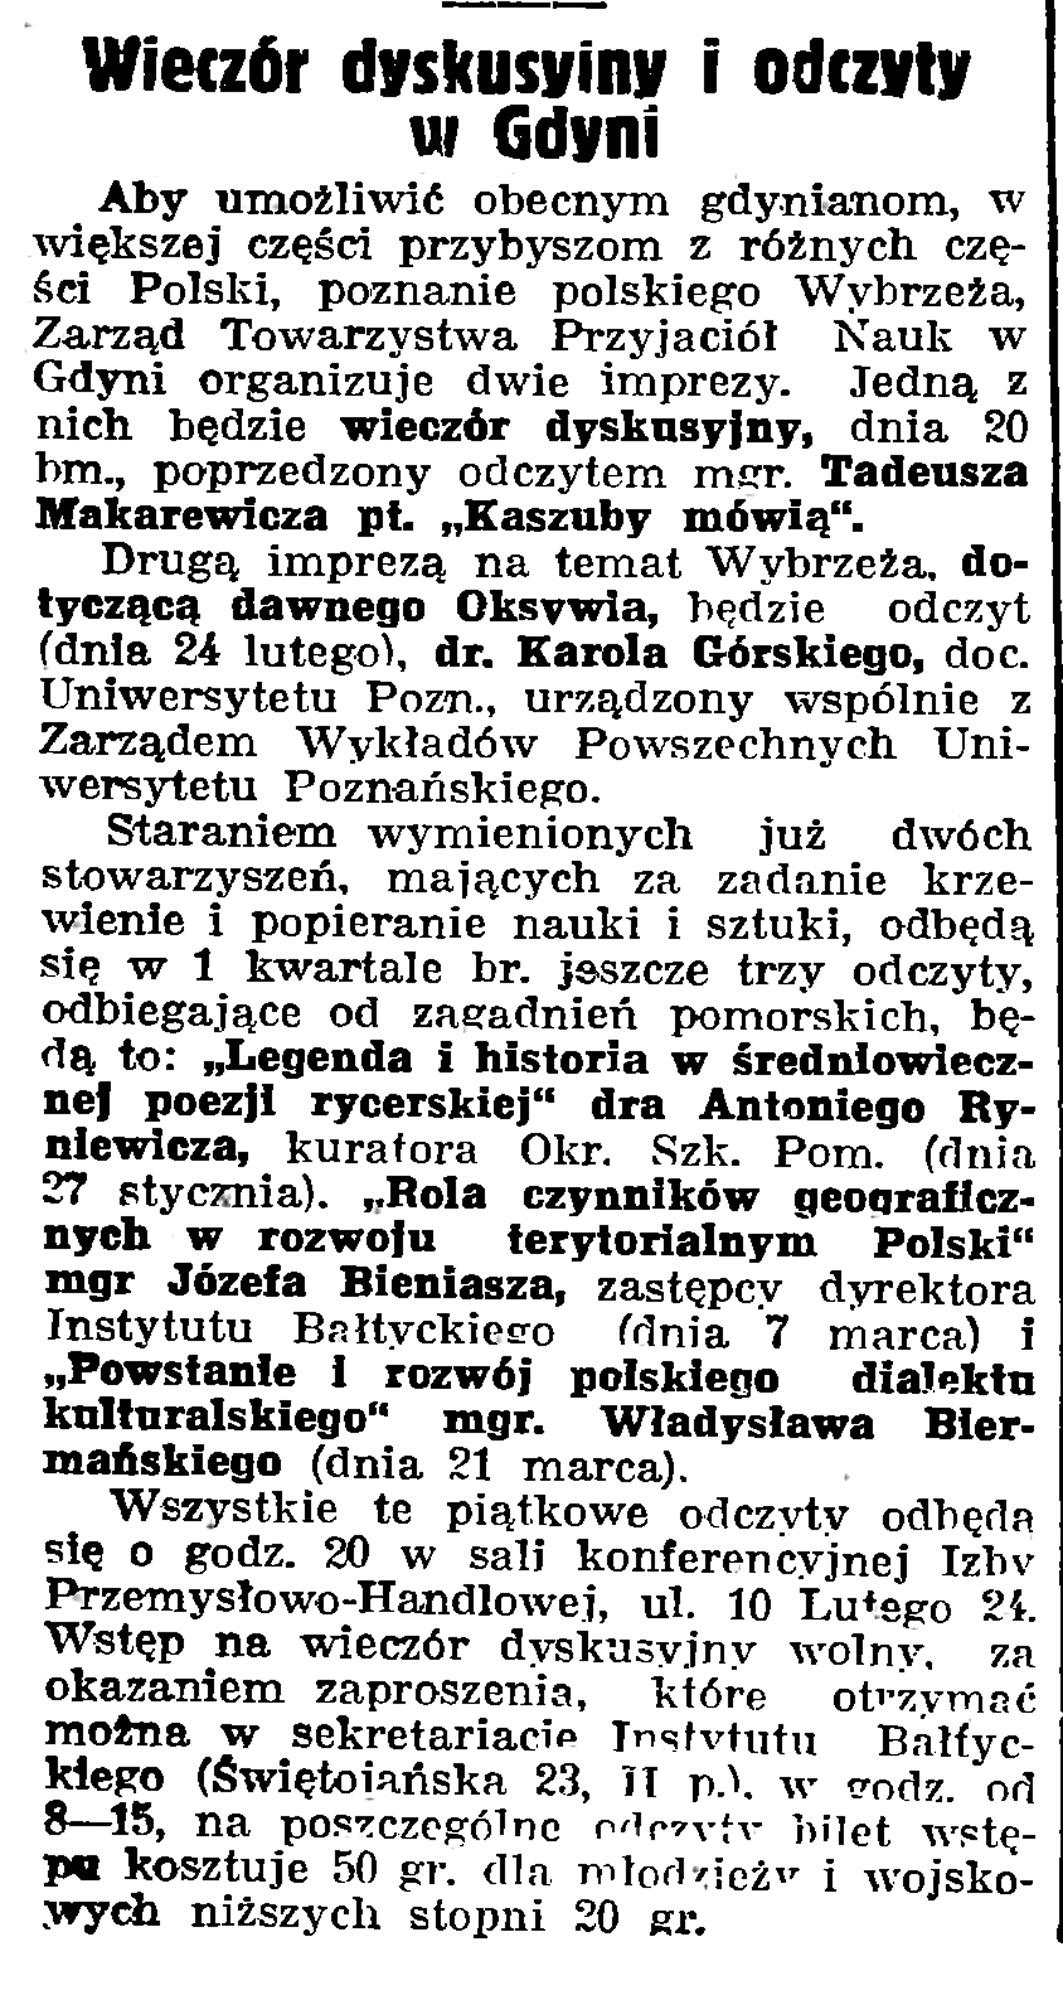 Wieczór dyskusyjny w Gdyni // Gazeta Gdańska. - 1939, nr 13, s. 6